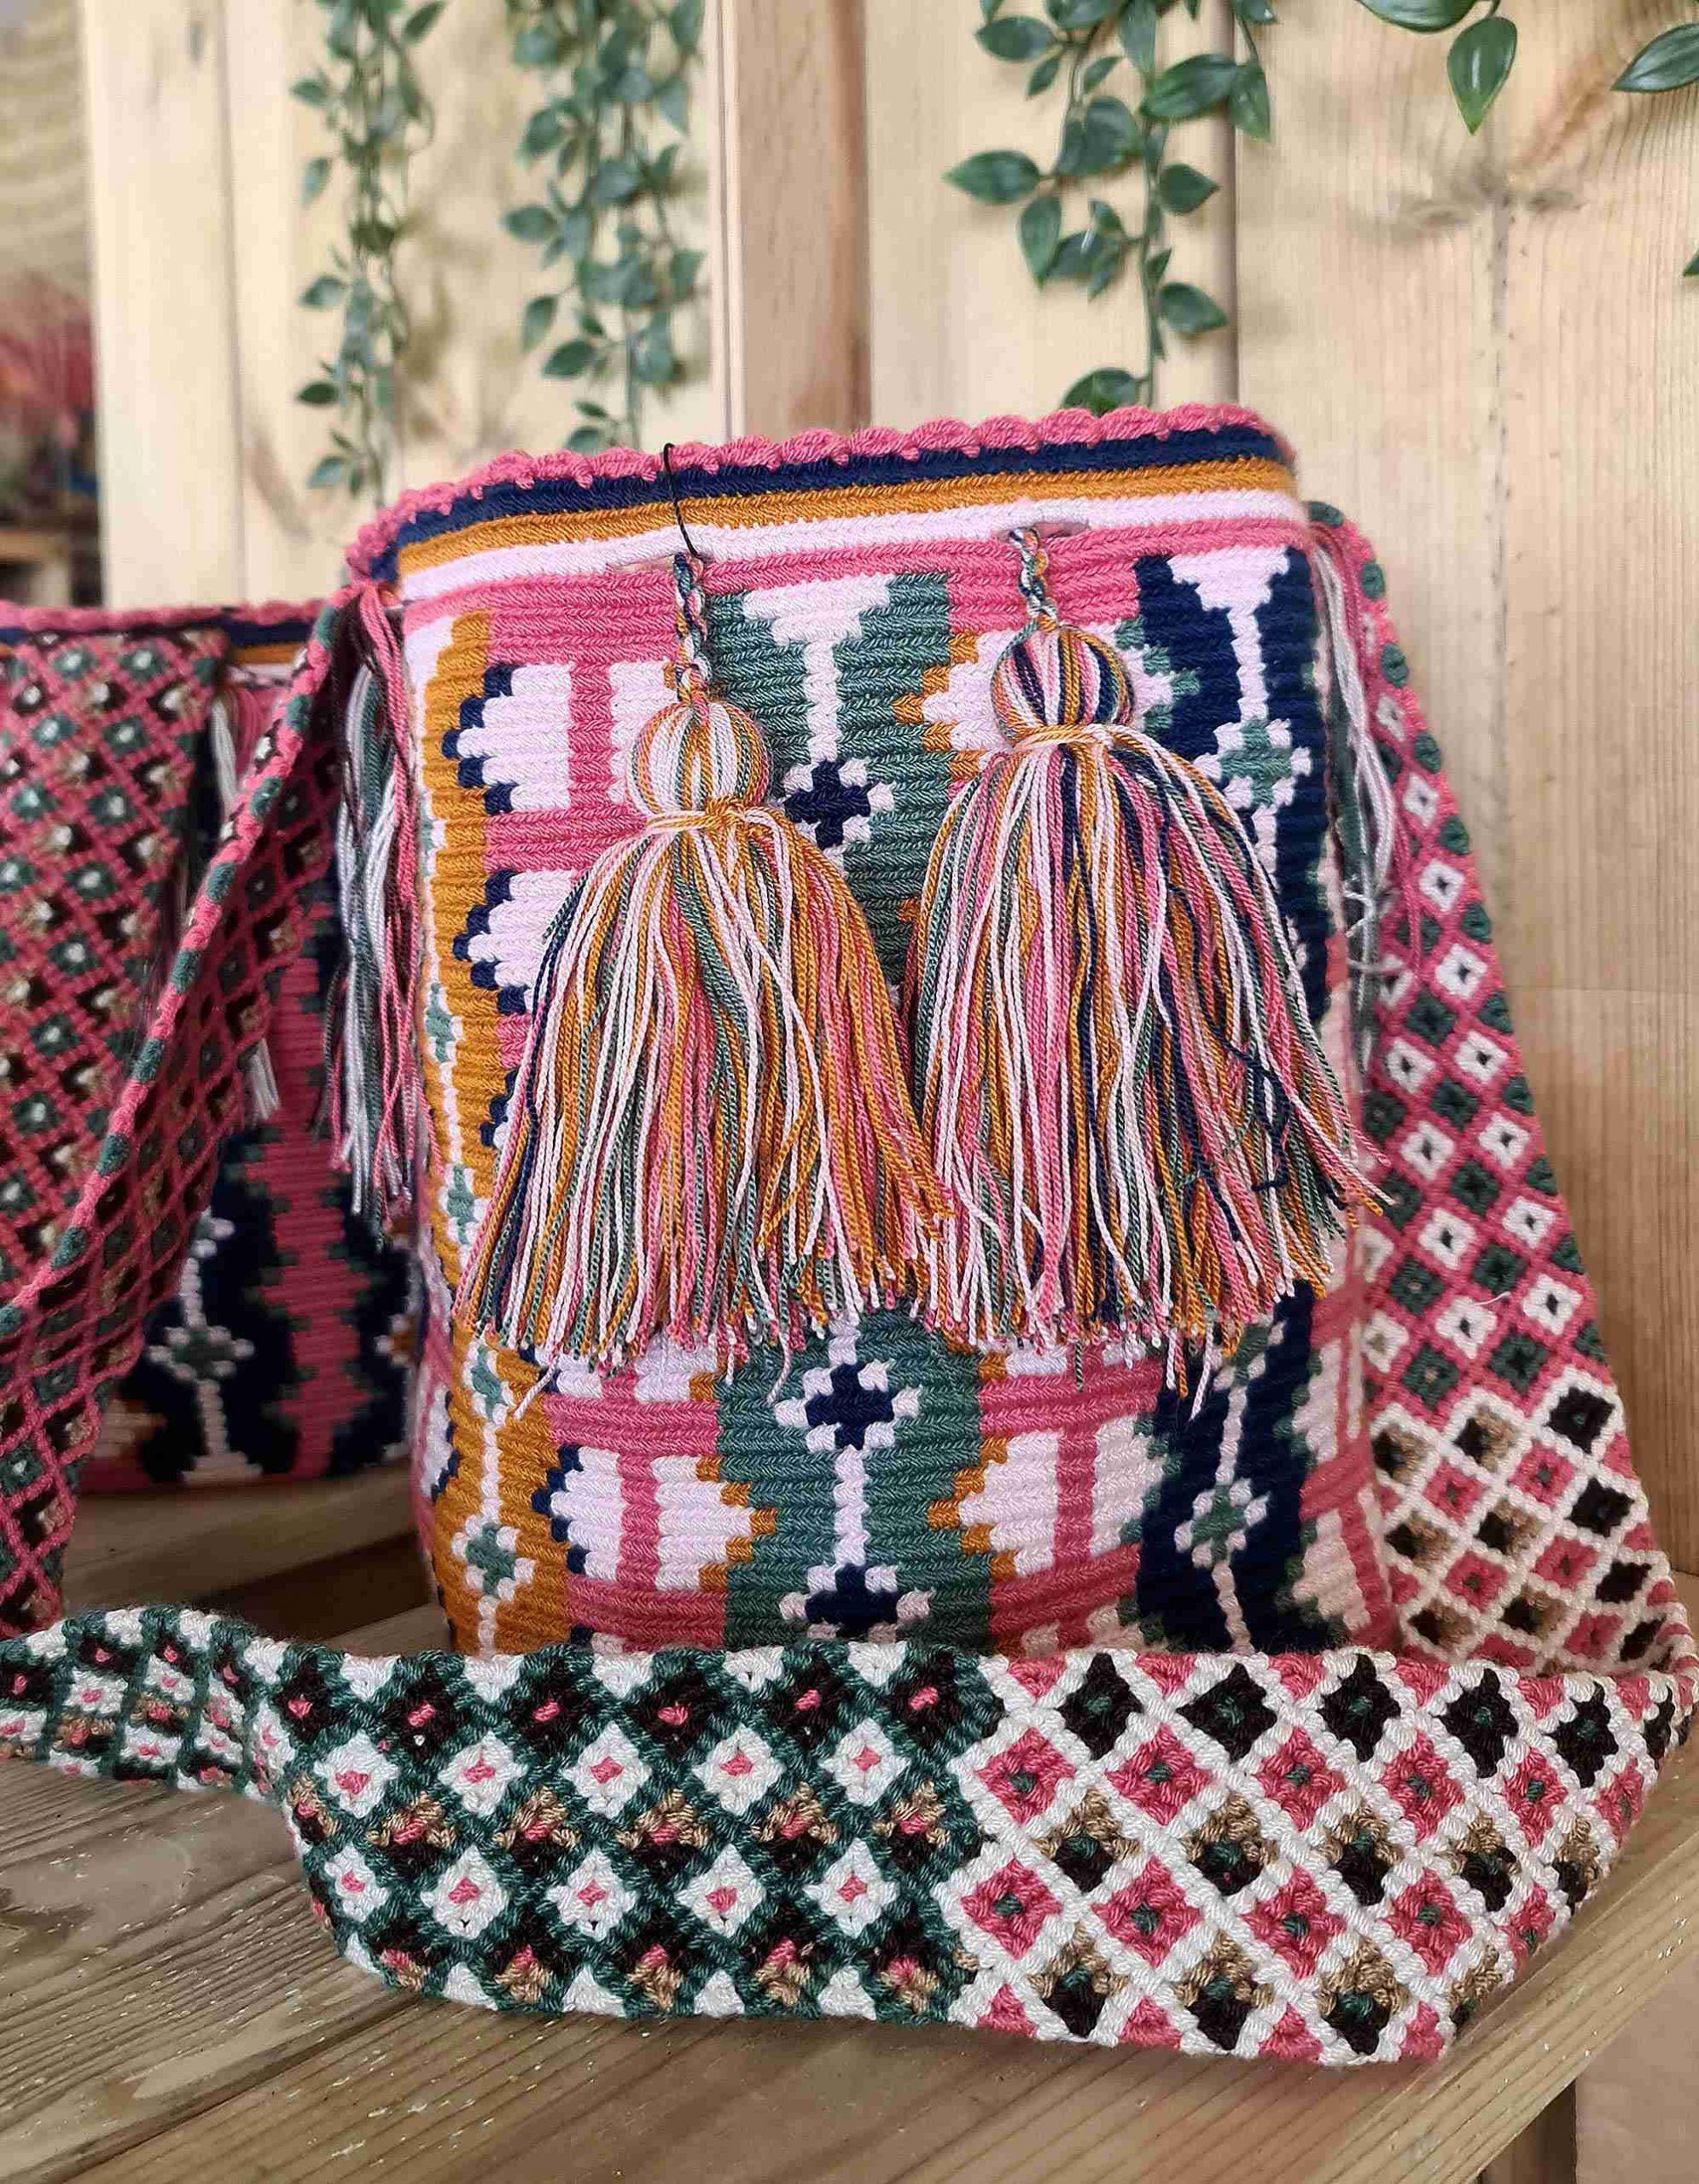 Bolso Wayuu Original Auténtico (sólo 1 igual) con motivos tribales color salmón, azul oscuro, mostaza y verde